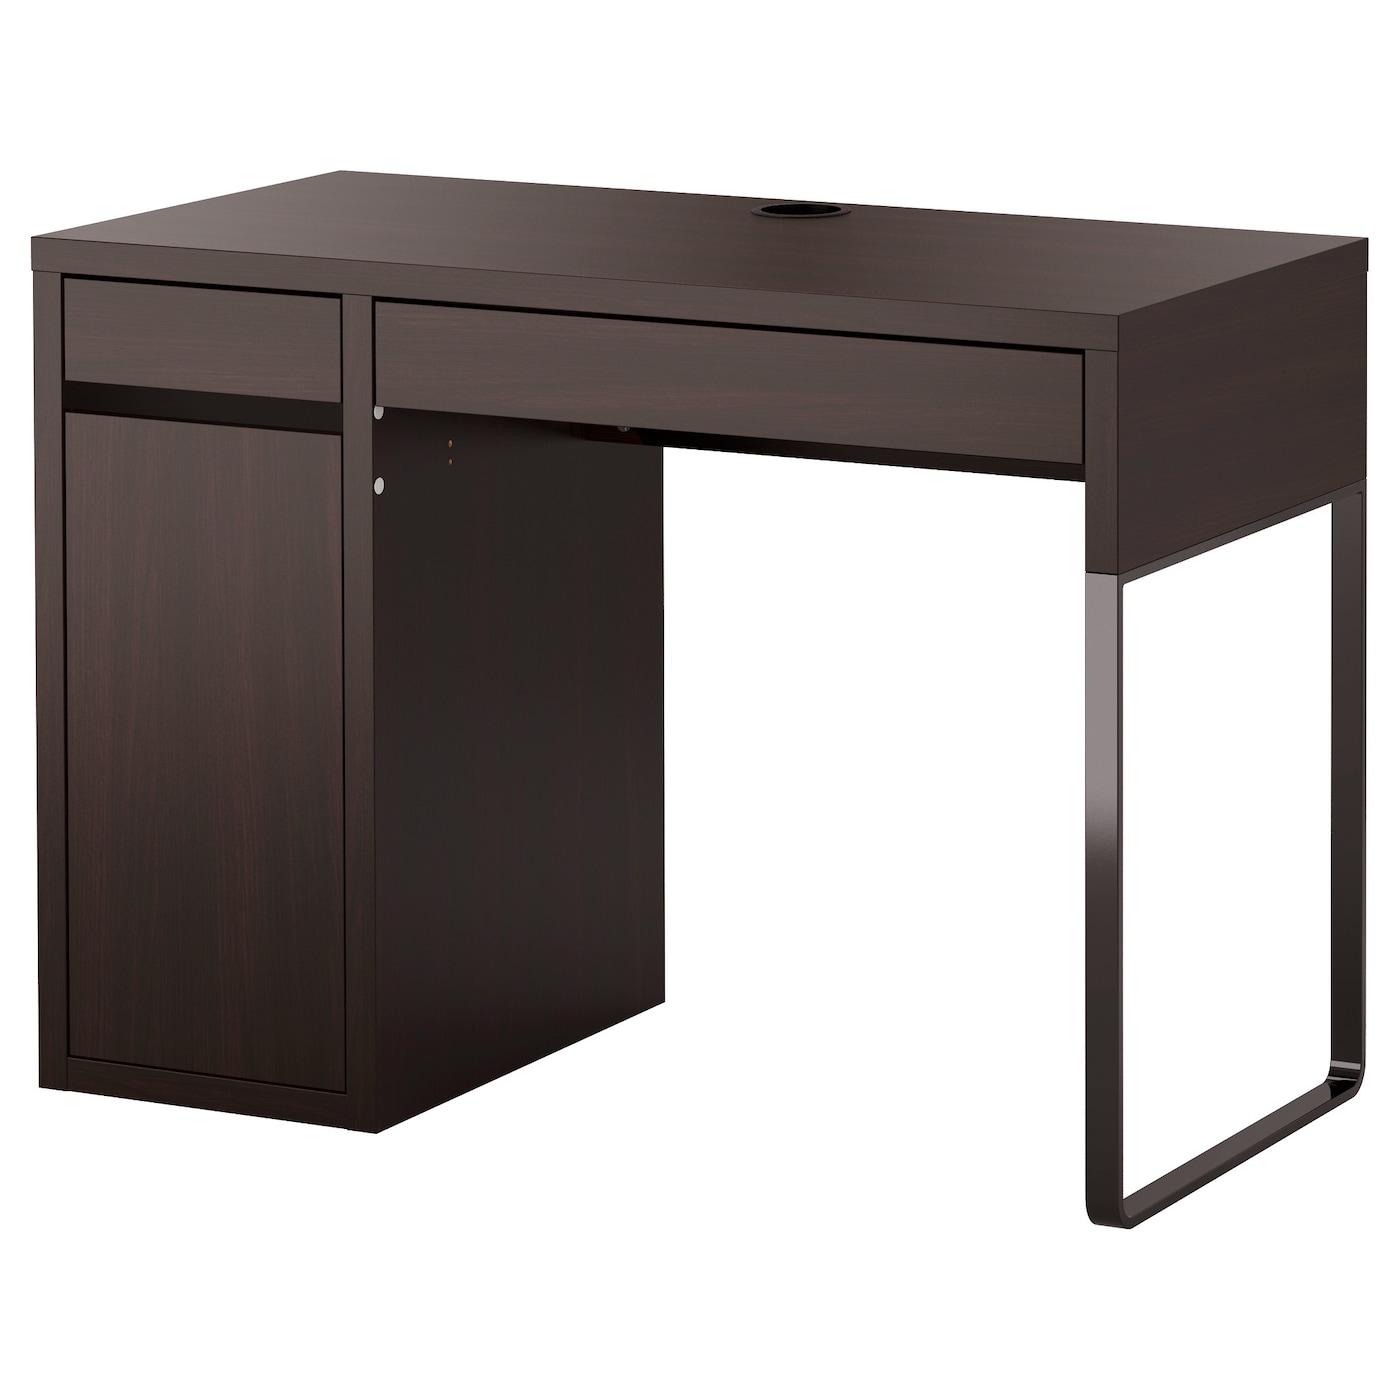 Muebles Juveniles 8 12 Años Compra Online Ikea